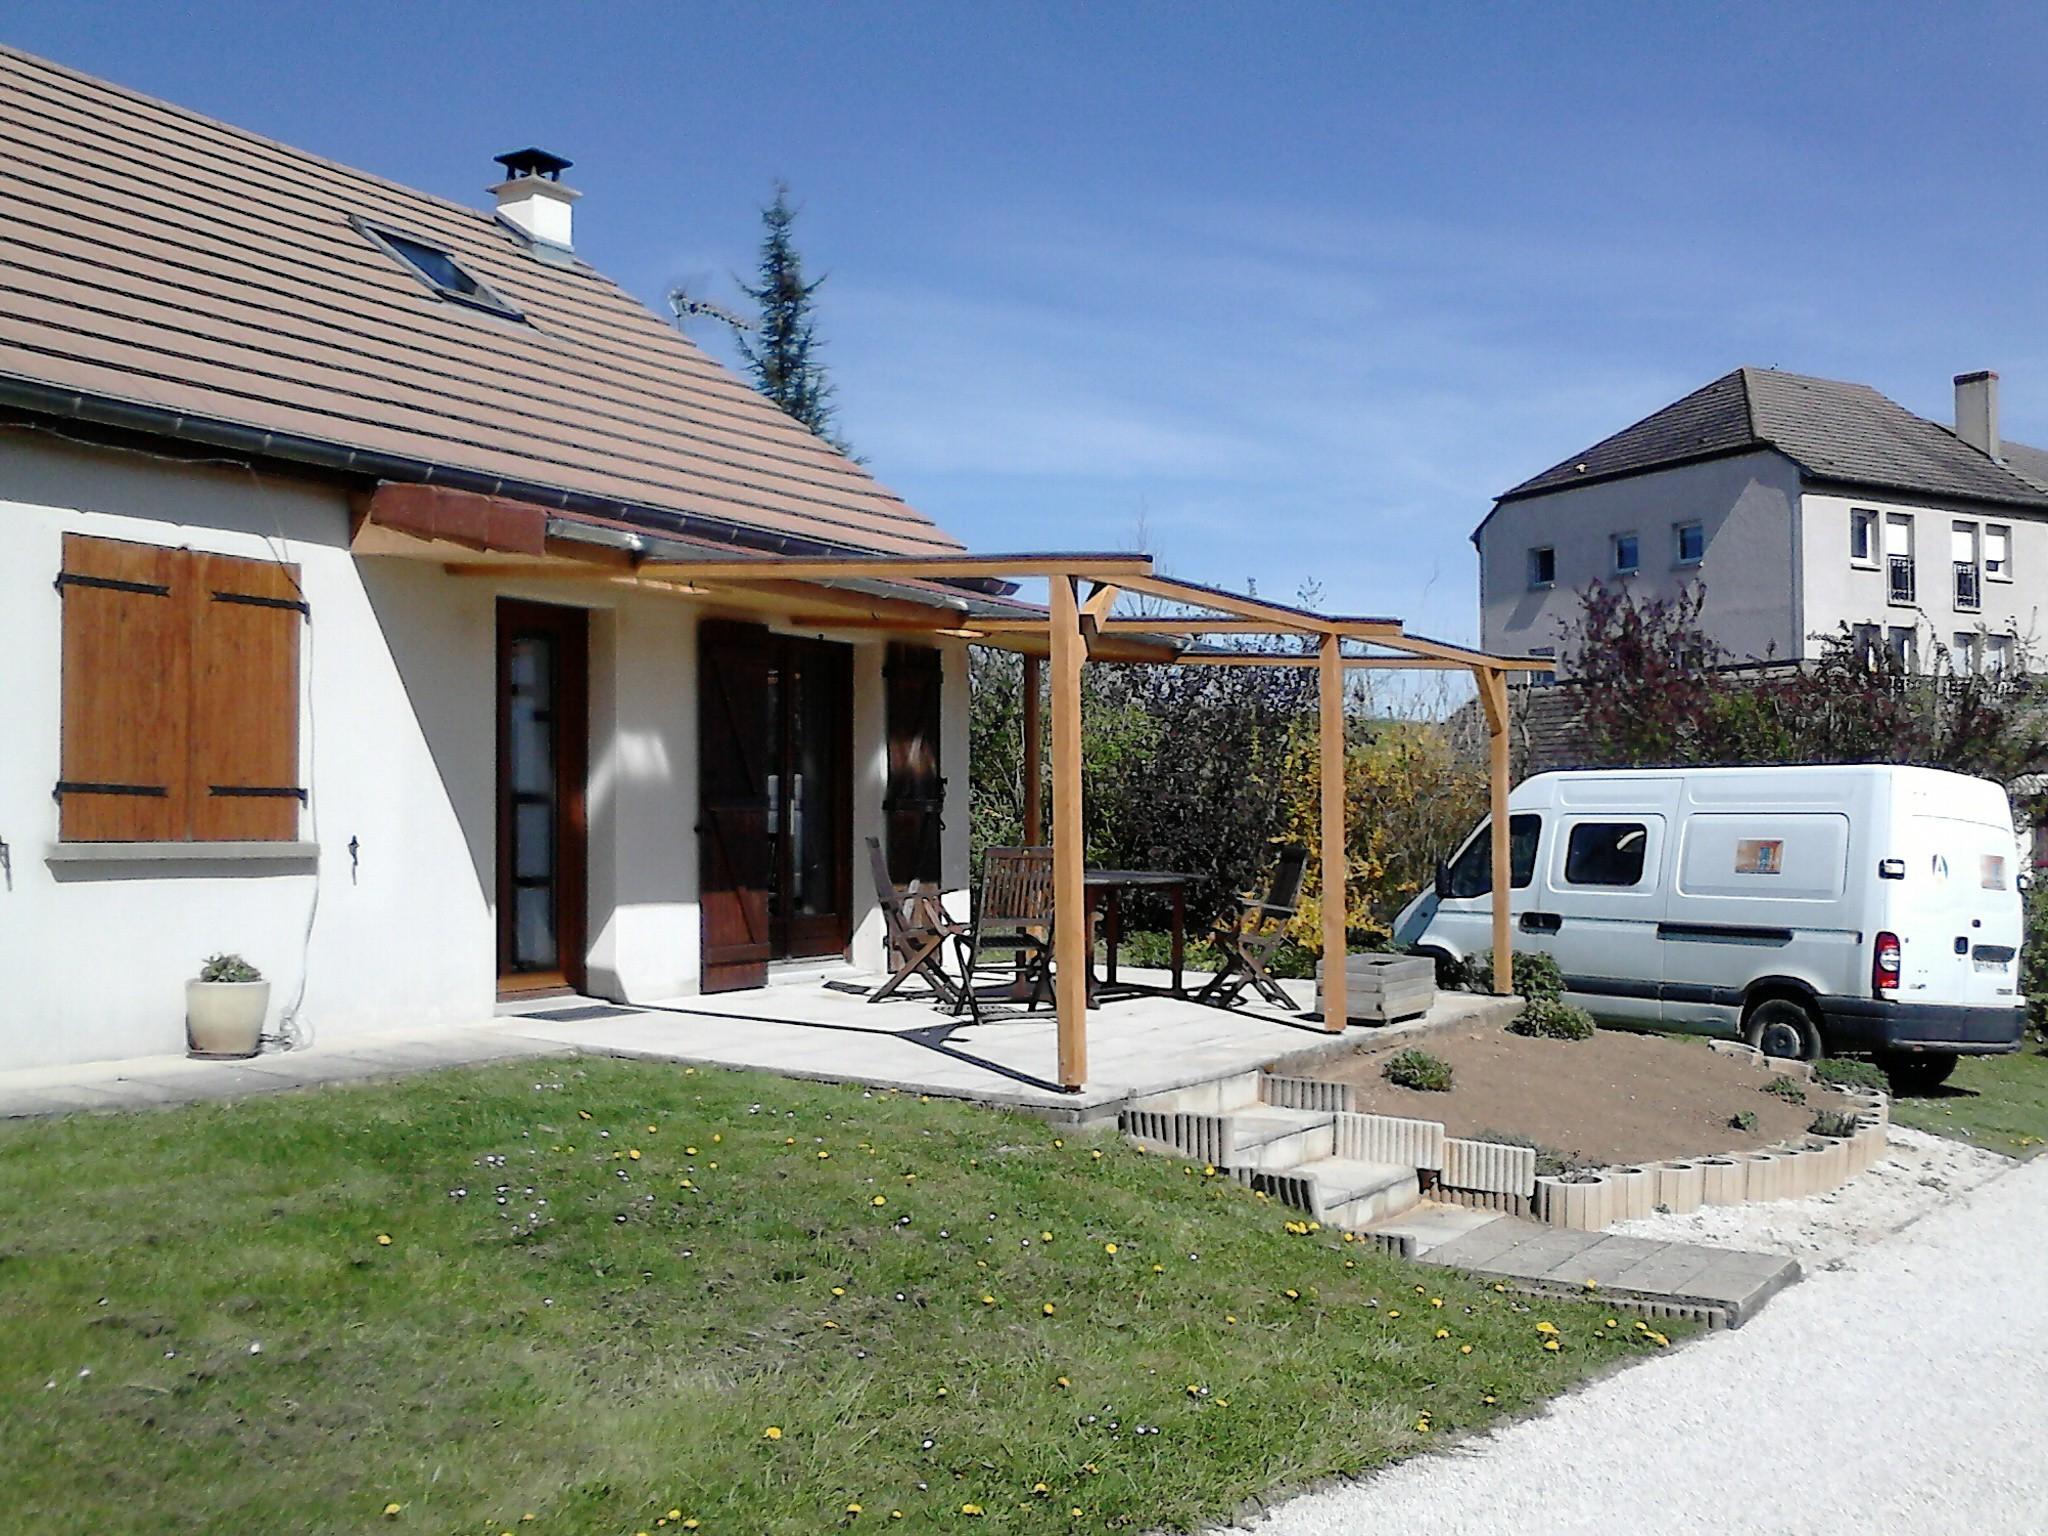 Portail Coulissant Occasion Bon Coin Beau Photos Luxe 41 De Le Bon Coin Abri De Jardin Concept